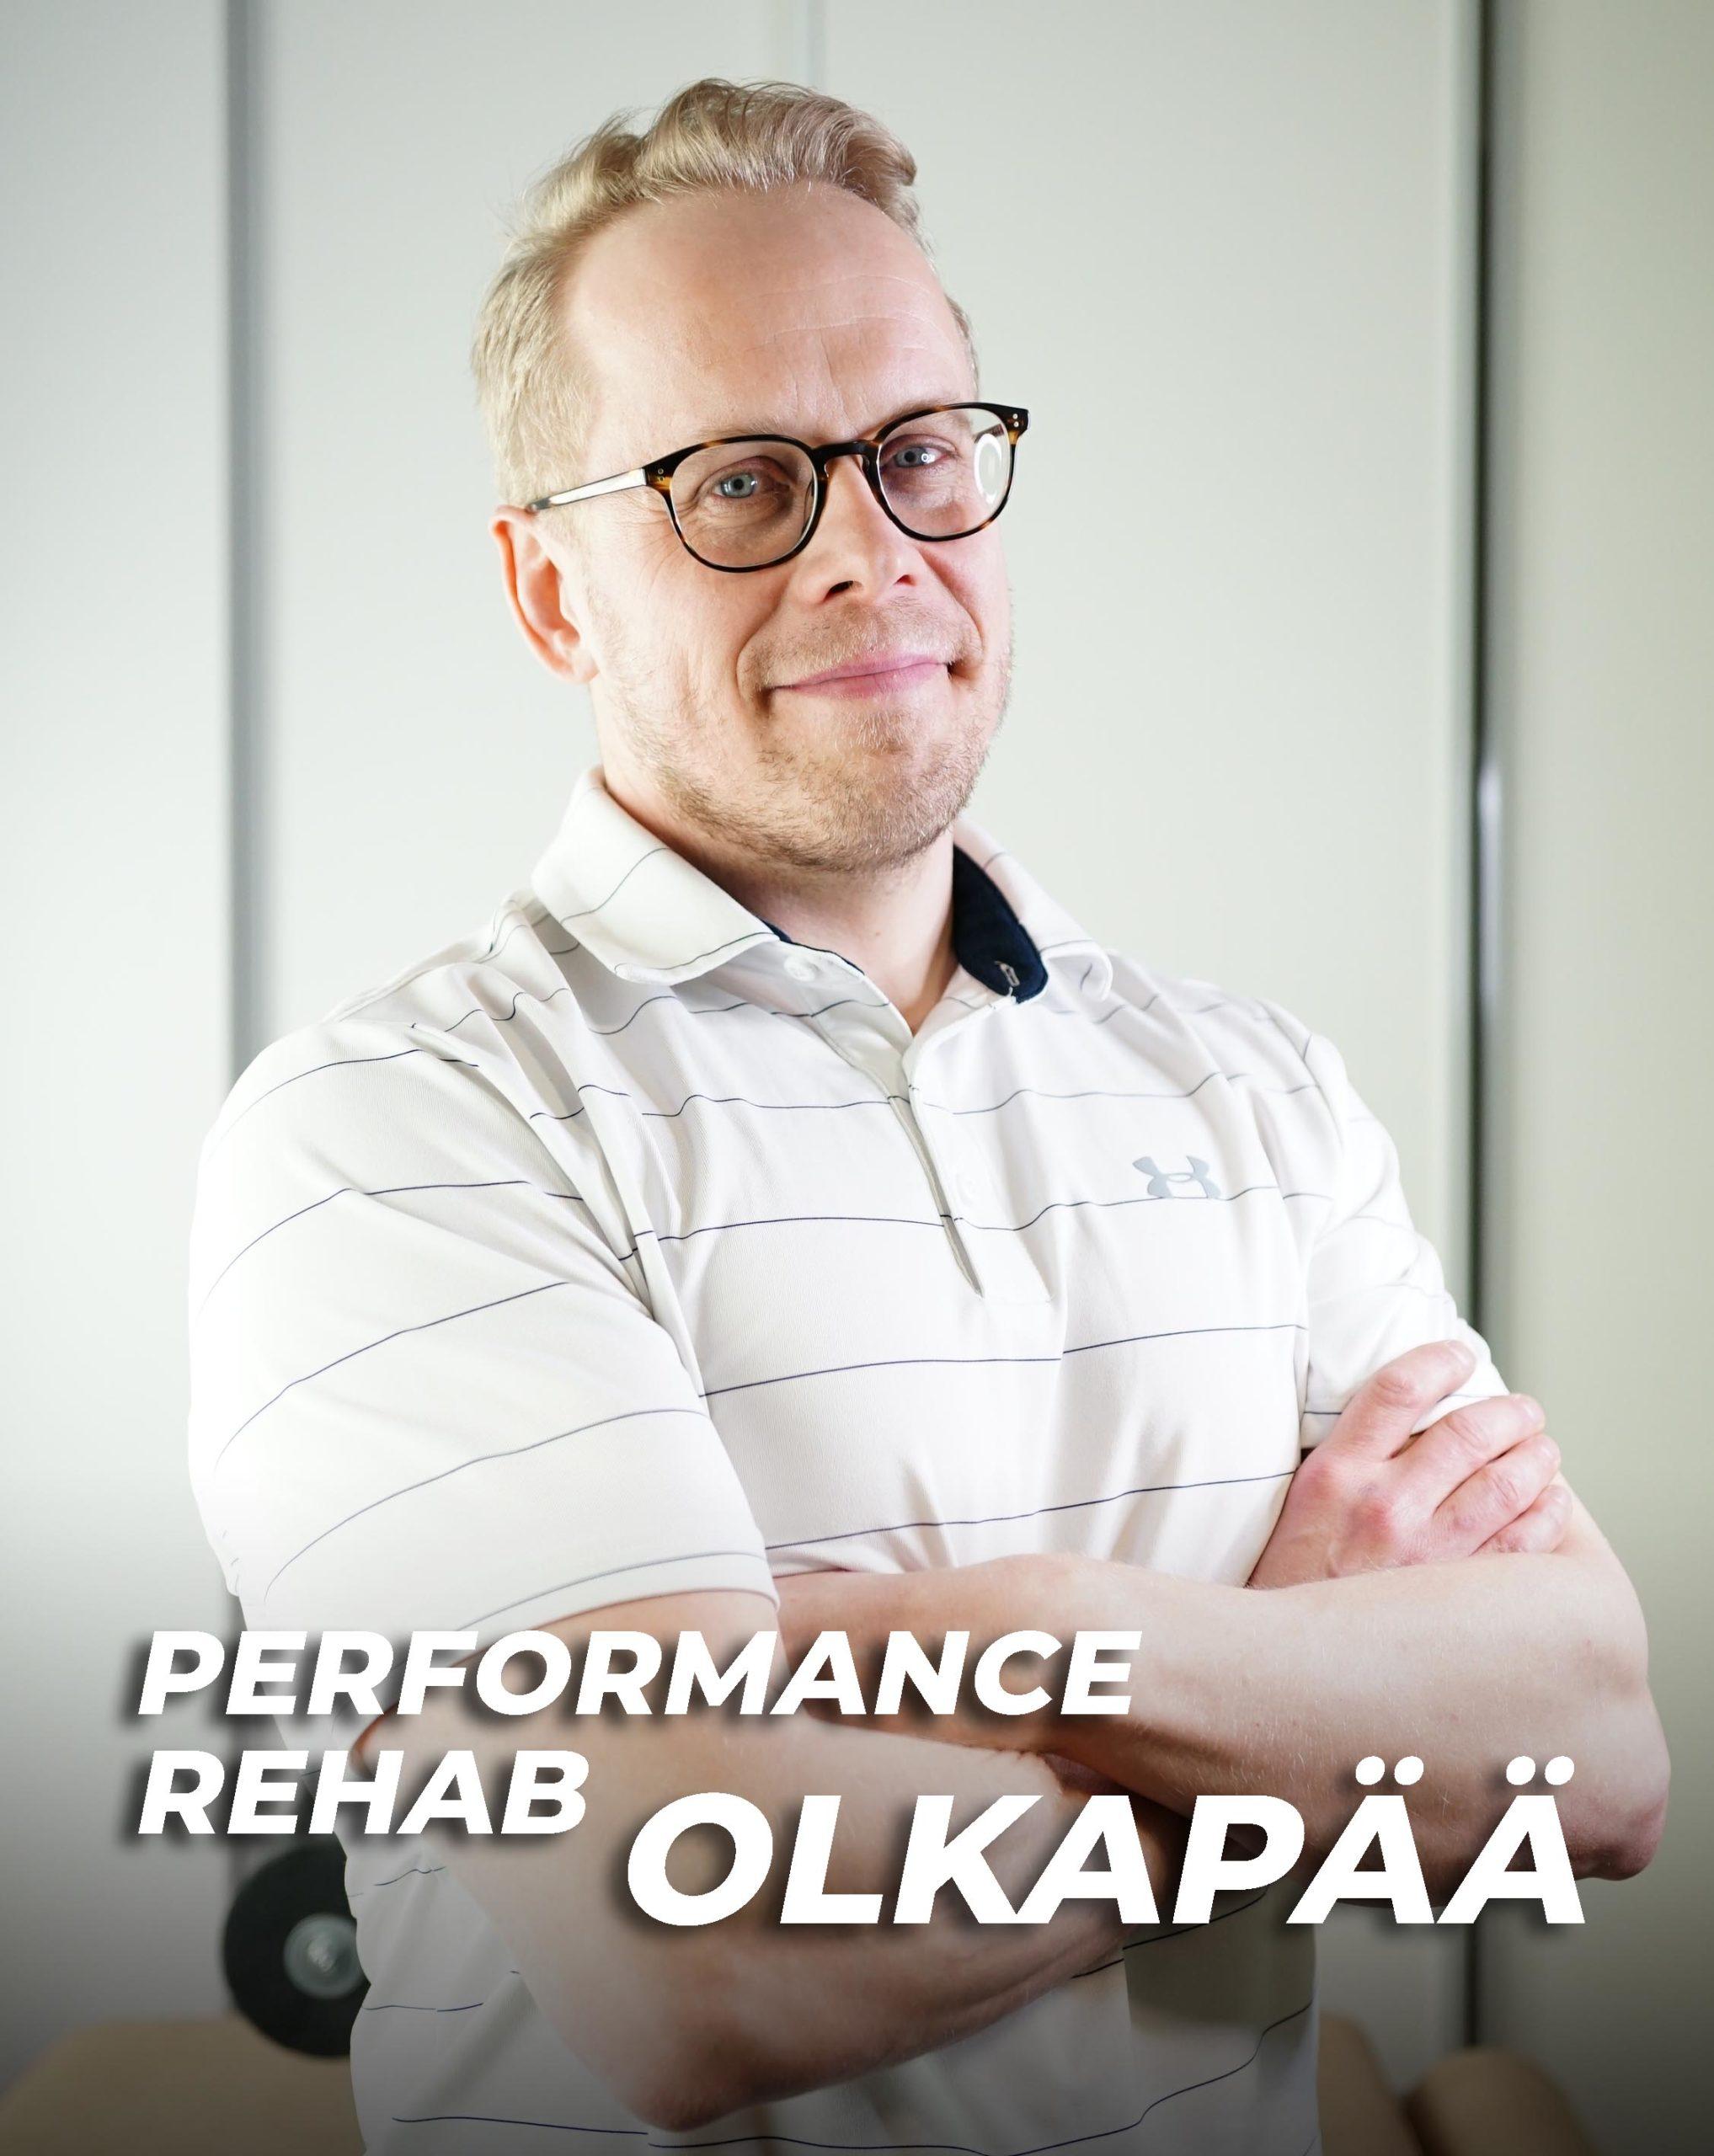 Performance Rehab Olkapää